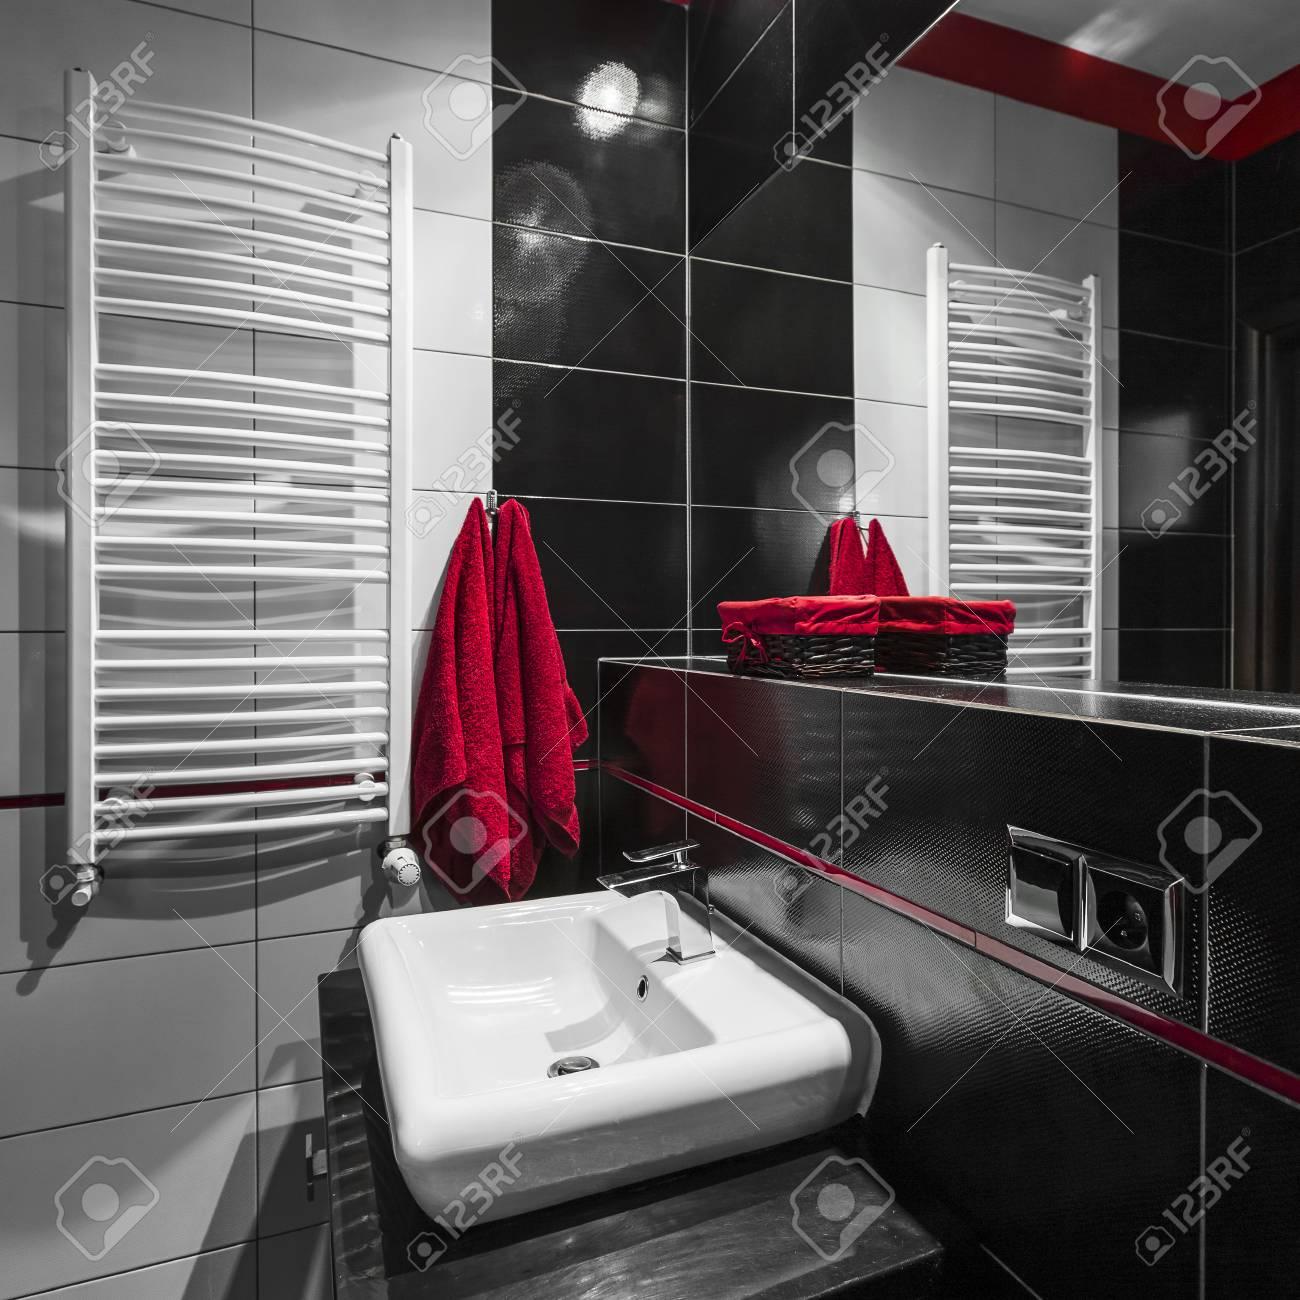 Cuarto De Baño Moderno De Azulejos En Blanco Y Negro Con Adornos De ...